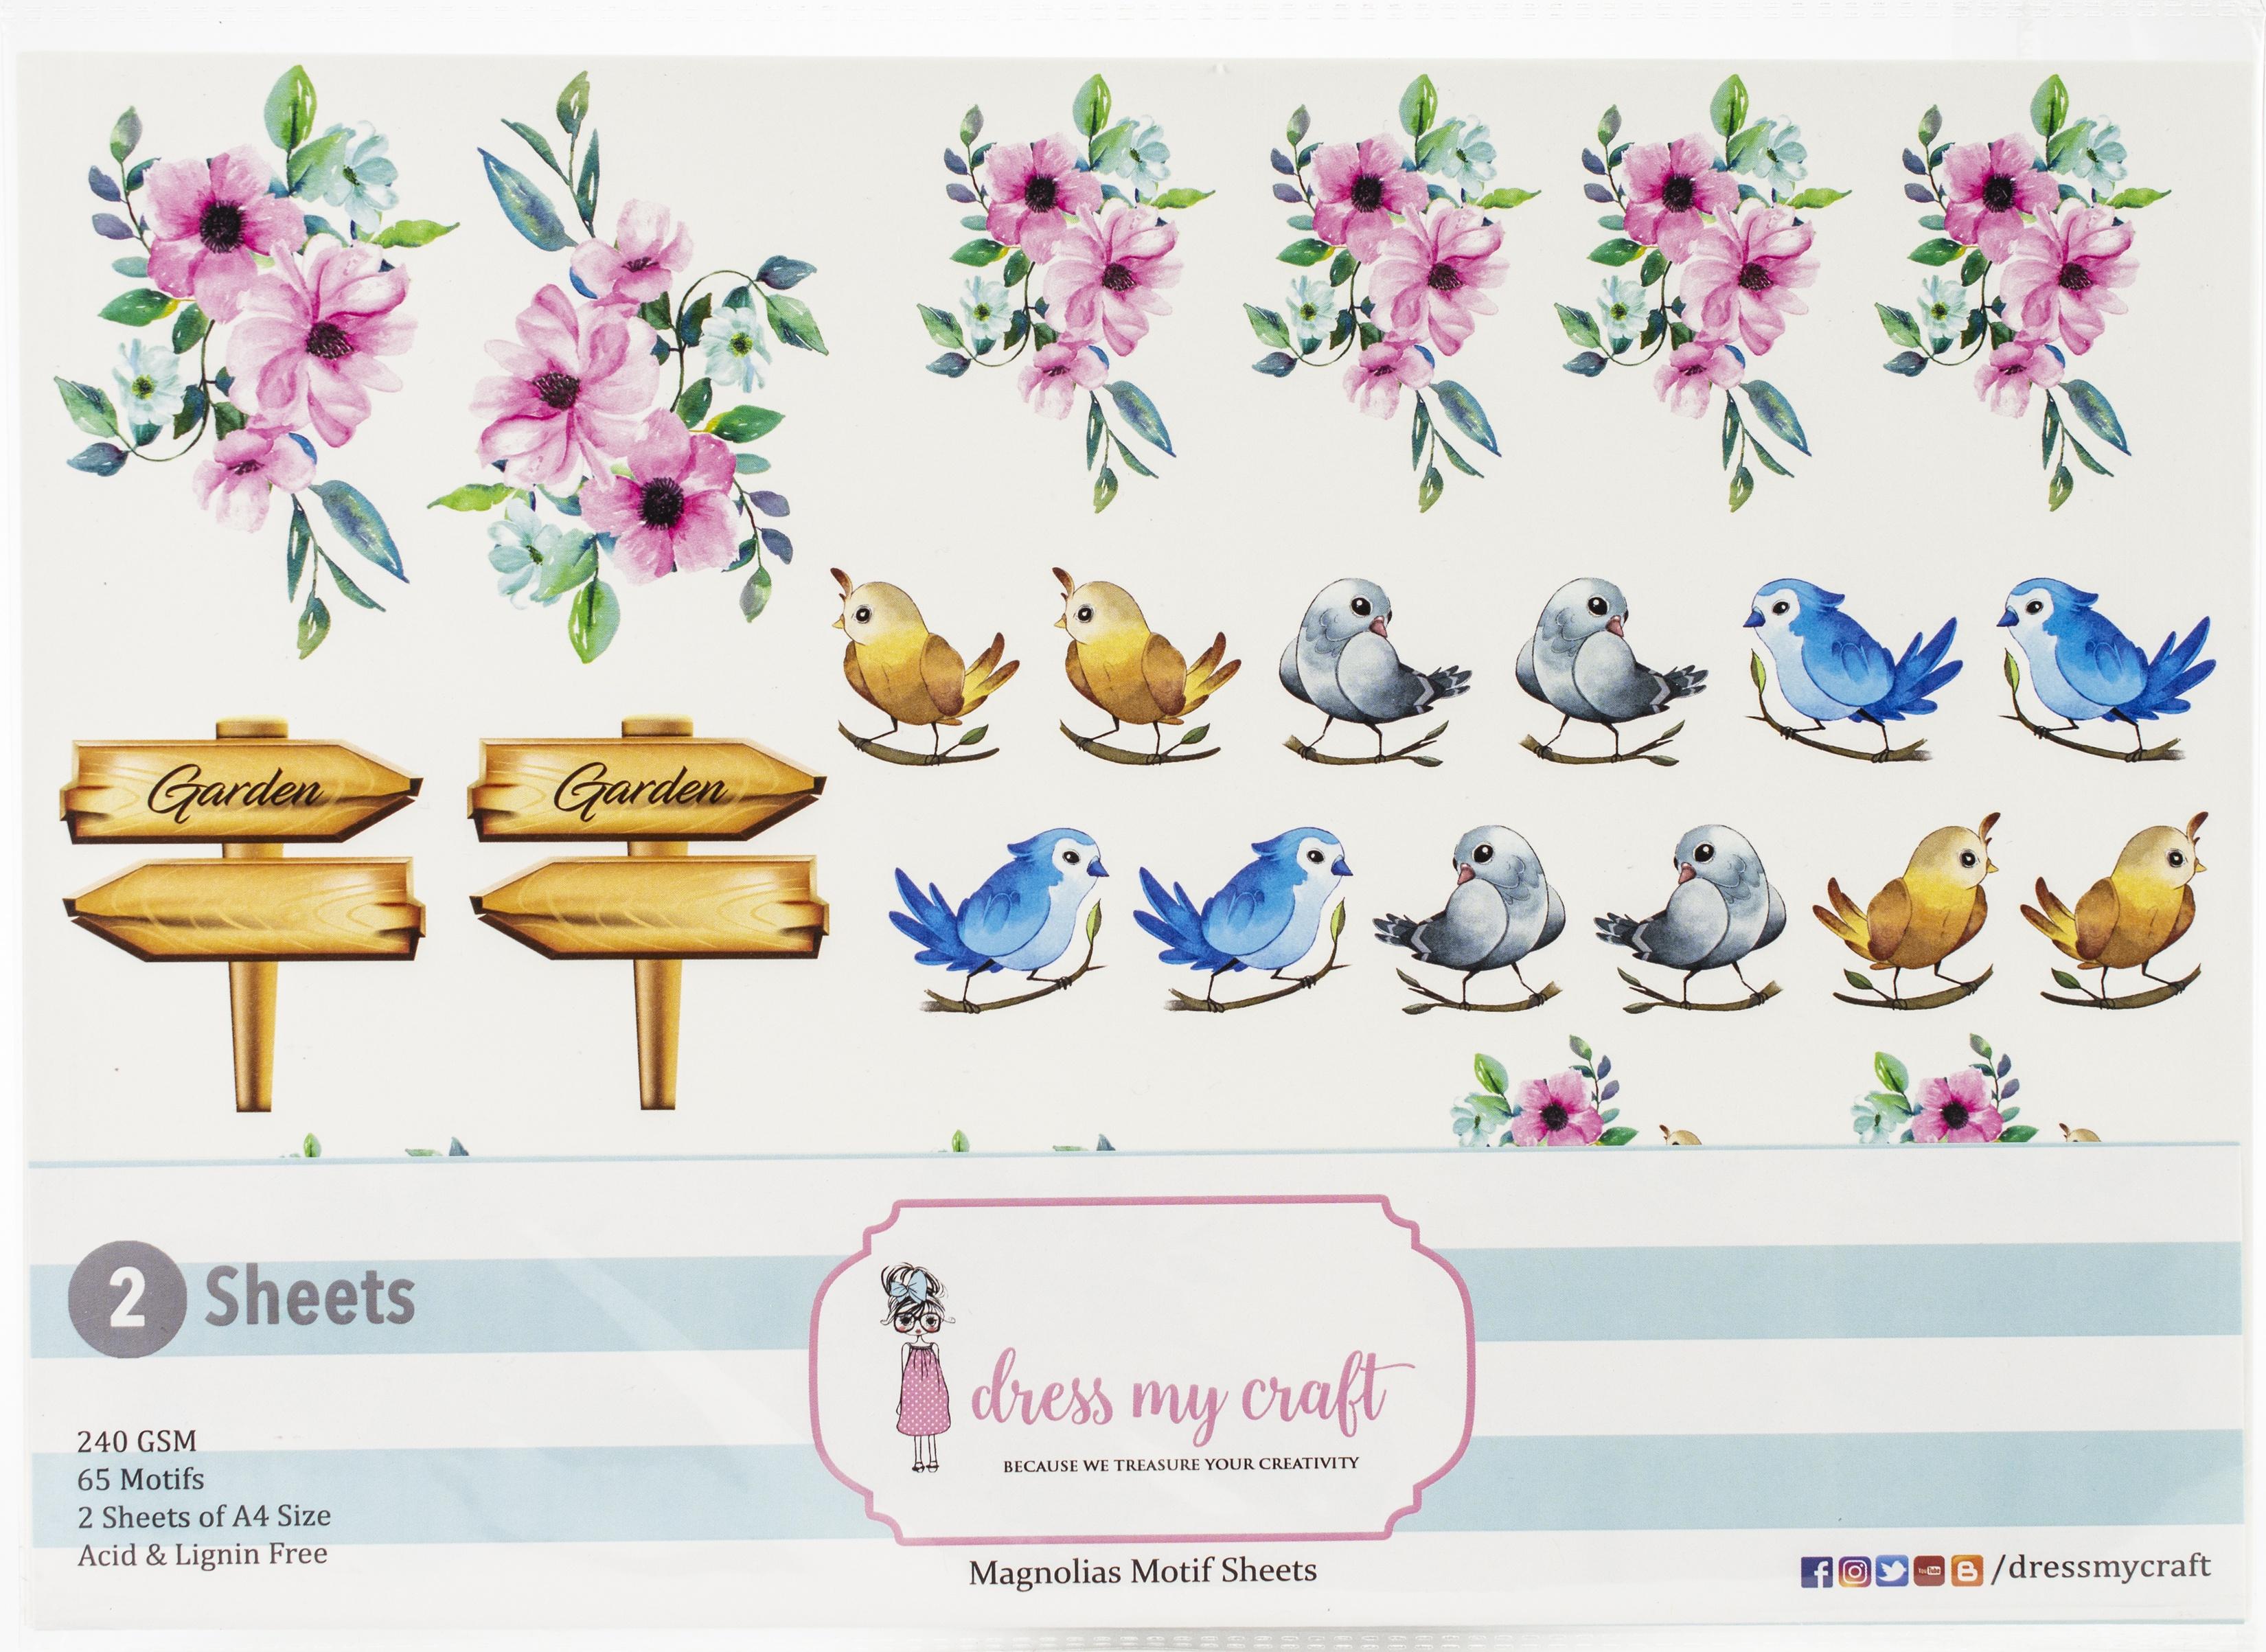 Dress My Craft Image Sheet 240gsm A4 2/Pkg-Magnolias